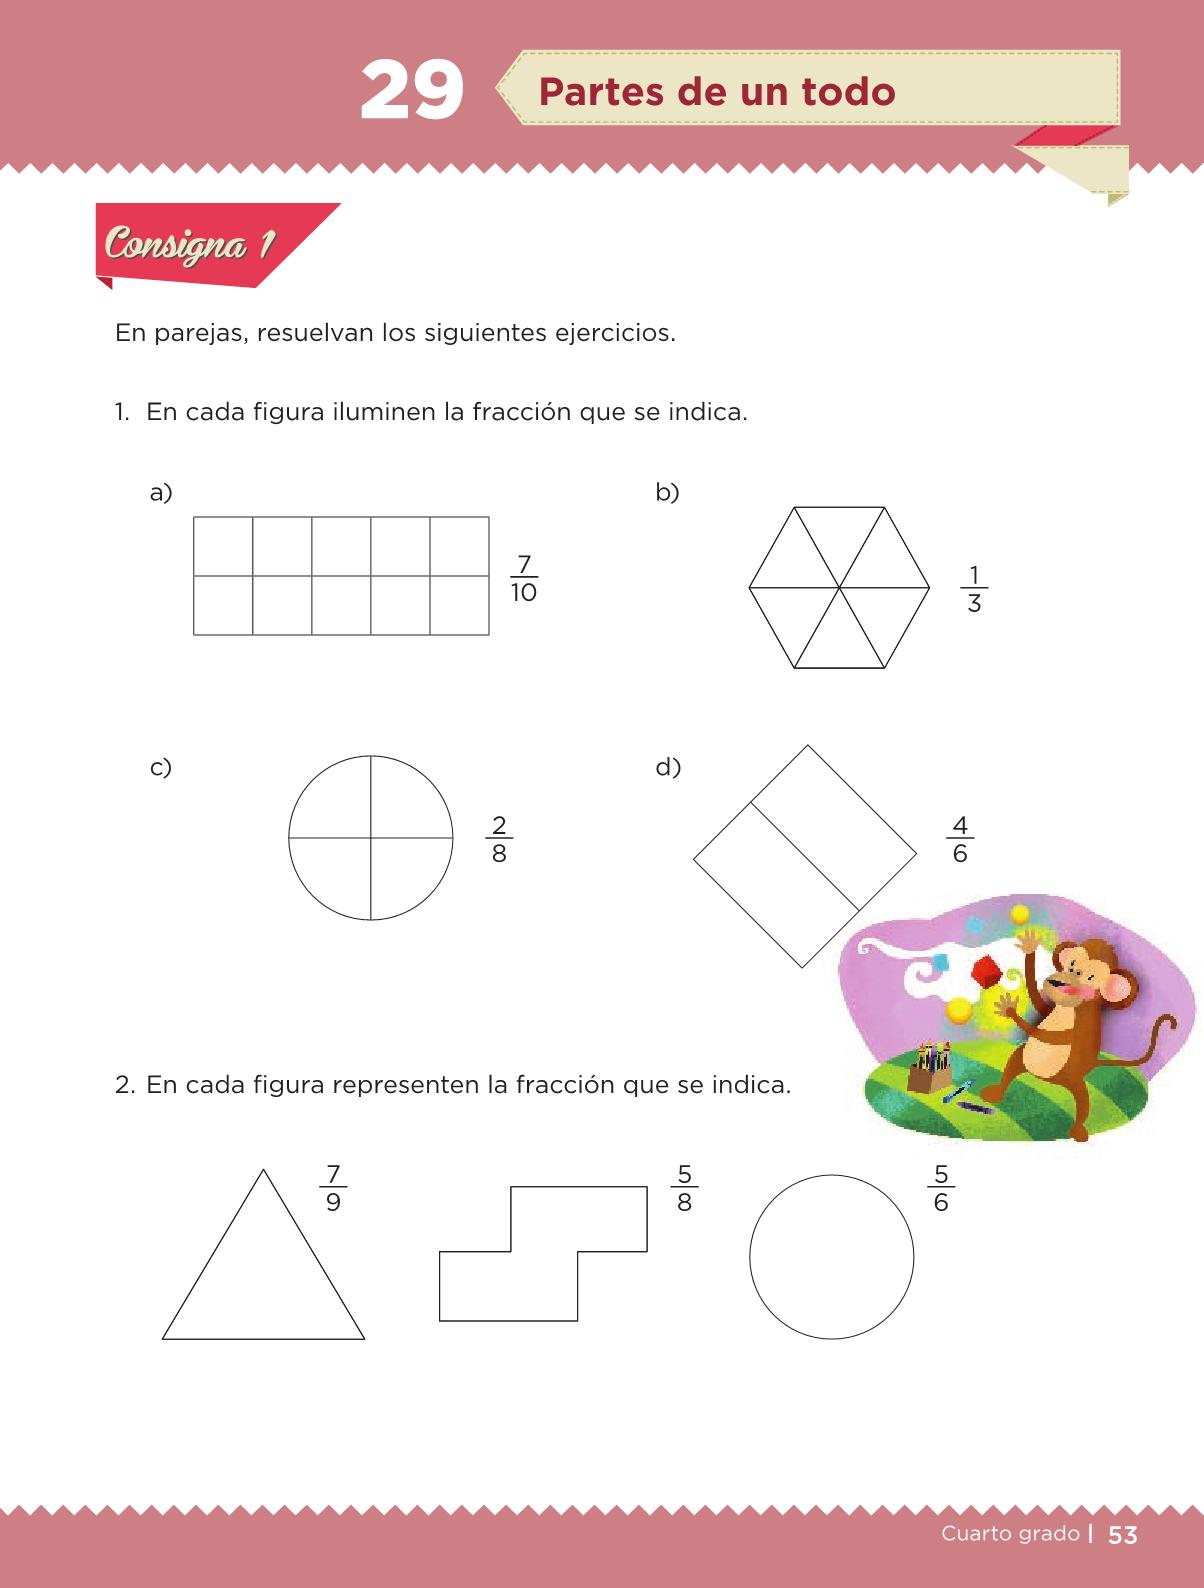 pagina 24 del libro matemticas de cuarto grado contestada